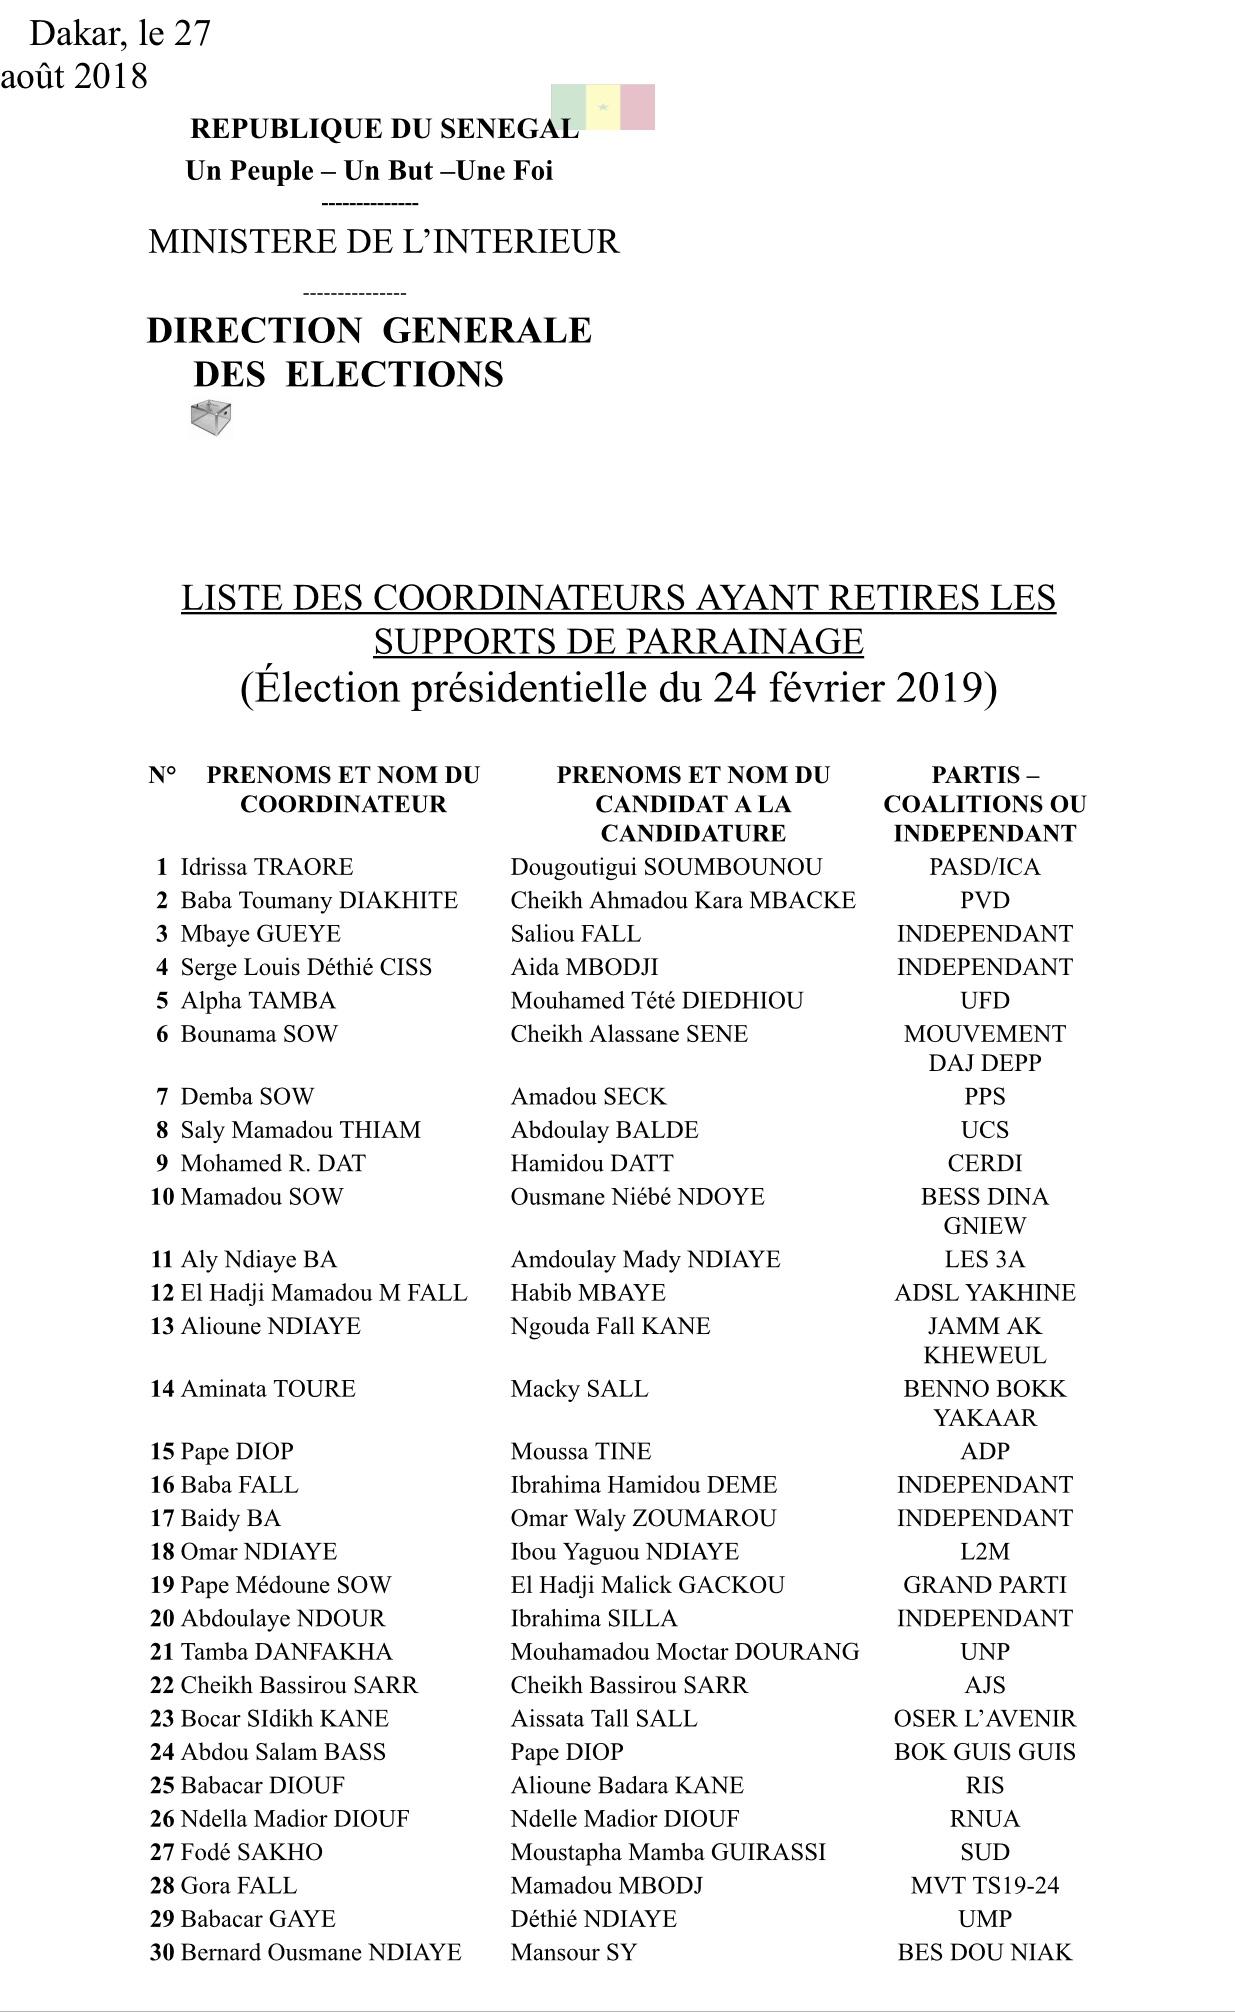 Élection présidentielle du 24 février 2019 : La liste des Coordinateurs ayant retirés les supports de parrainage (DOCUMENT)